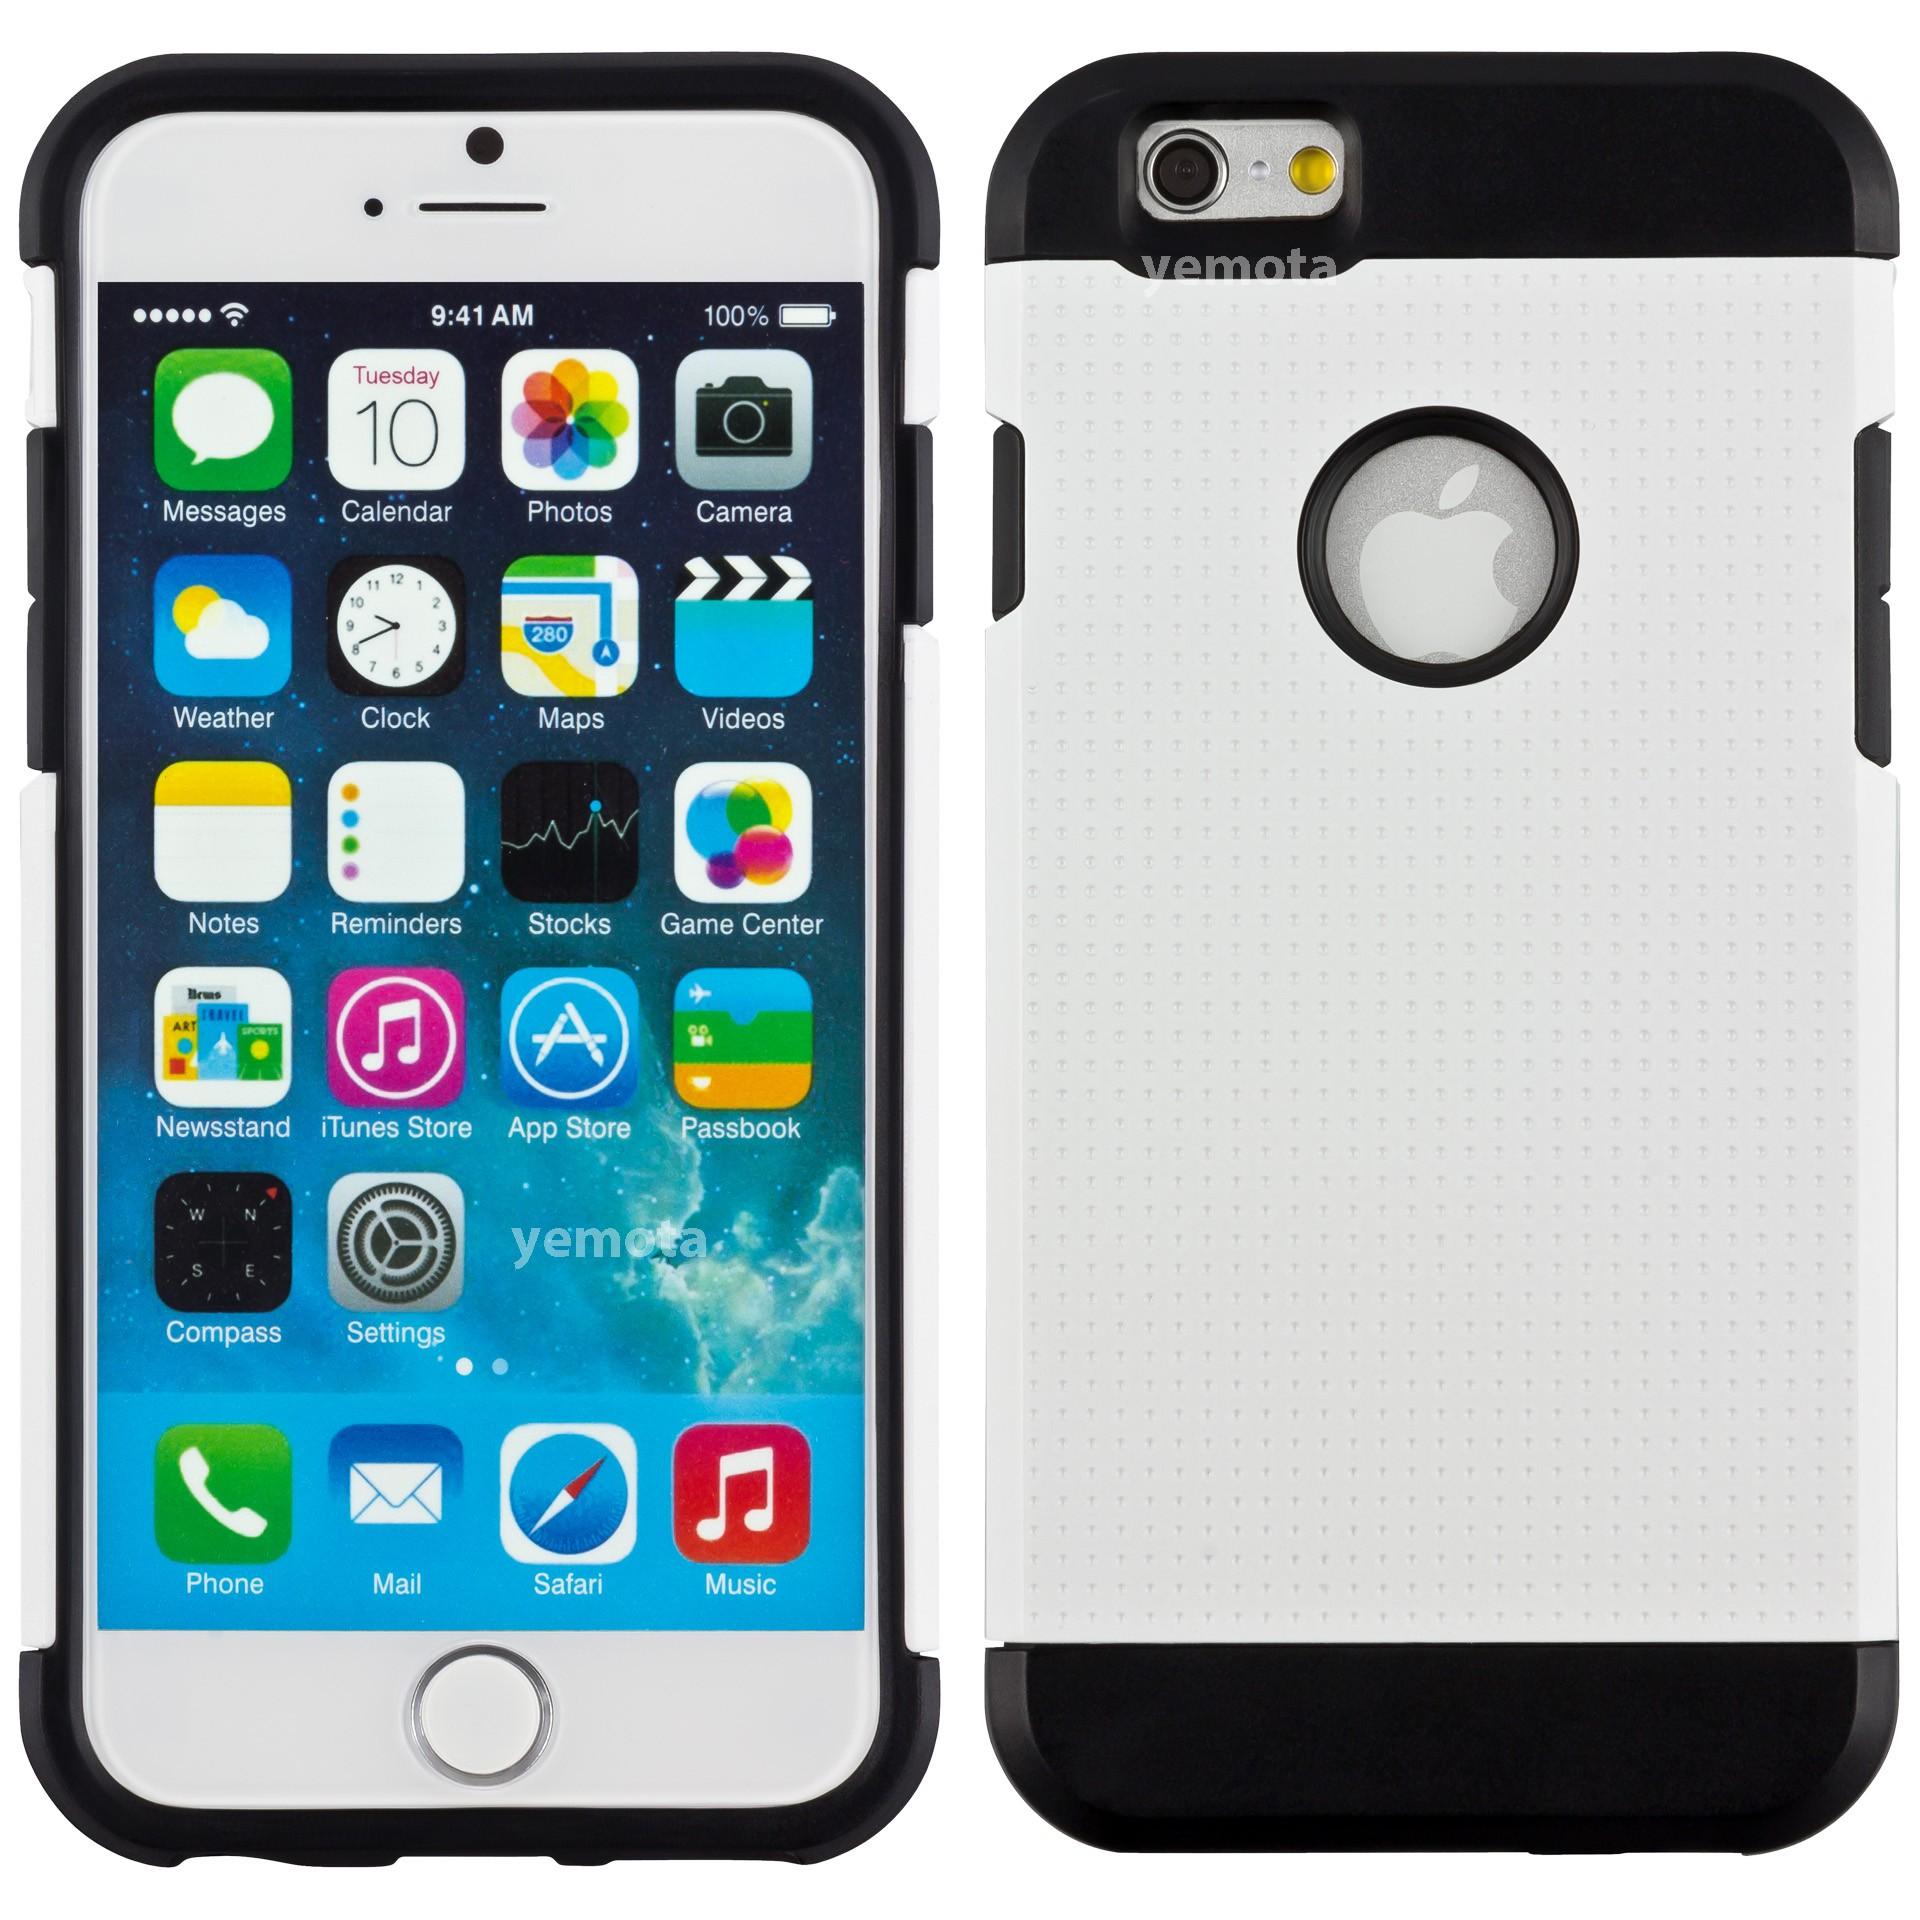 yemota pro hardcase f r iphone 6 wei iphone iphone 6 6s zubeh r h llen taschen. Black Bedroom Furniture Sets. Home Design Ideas